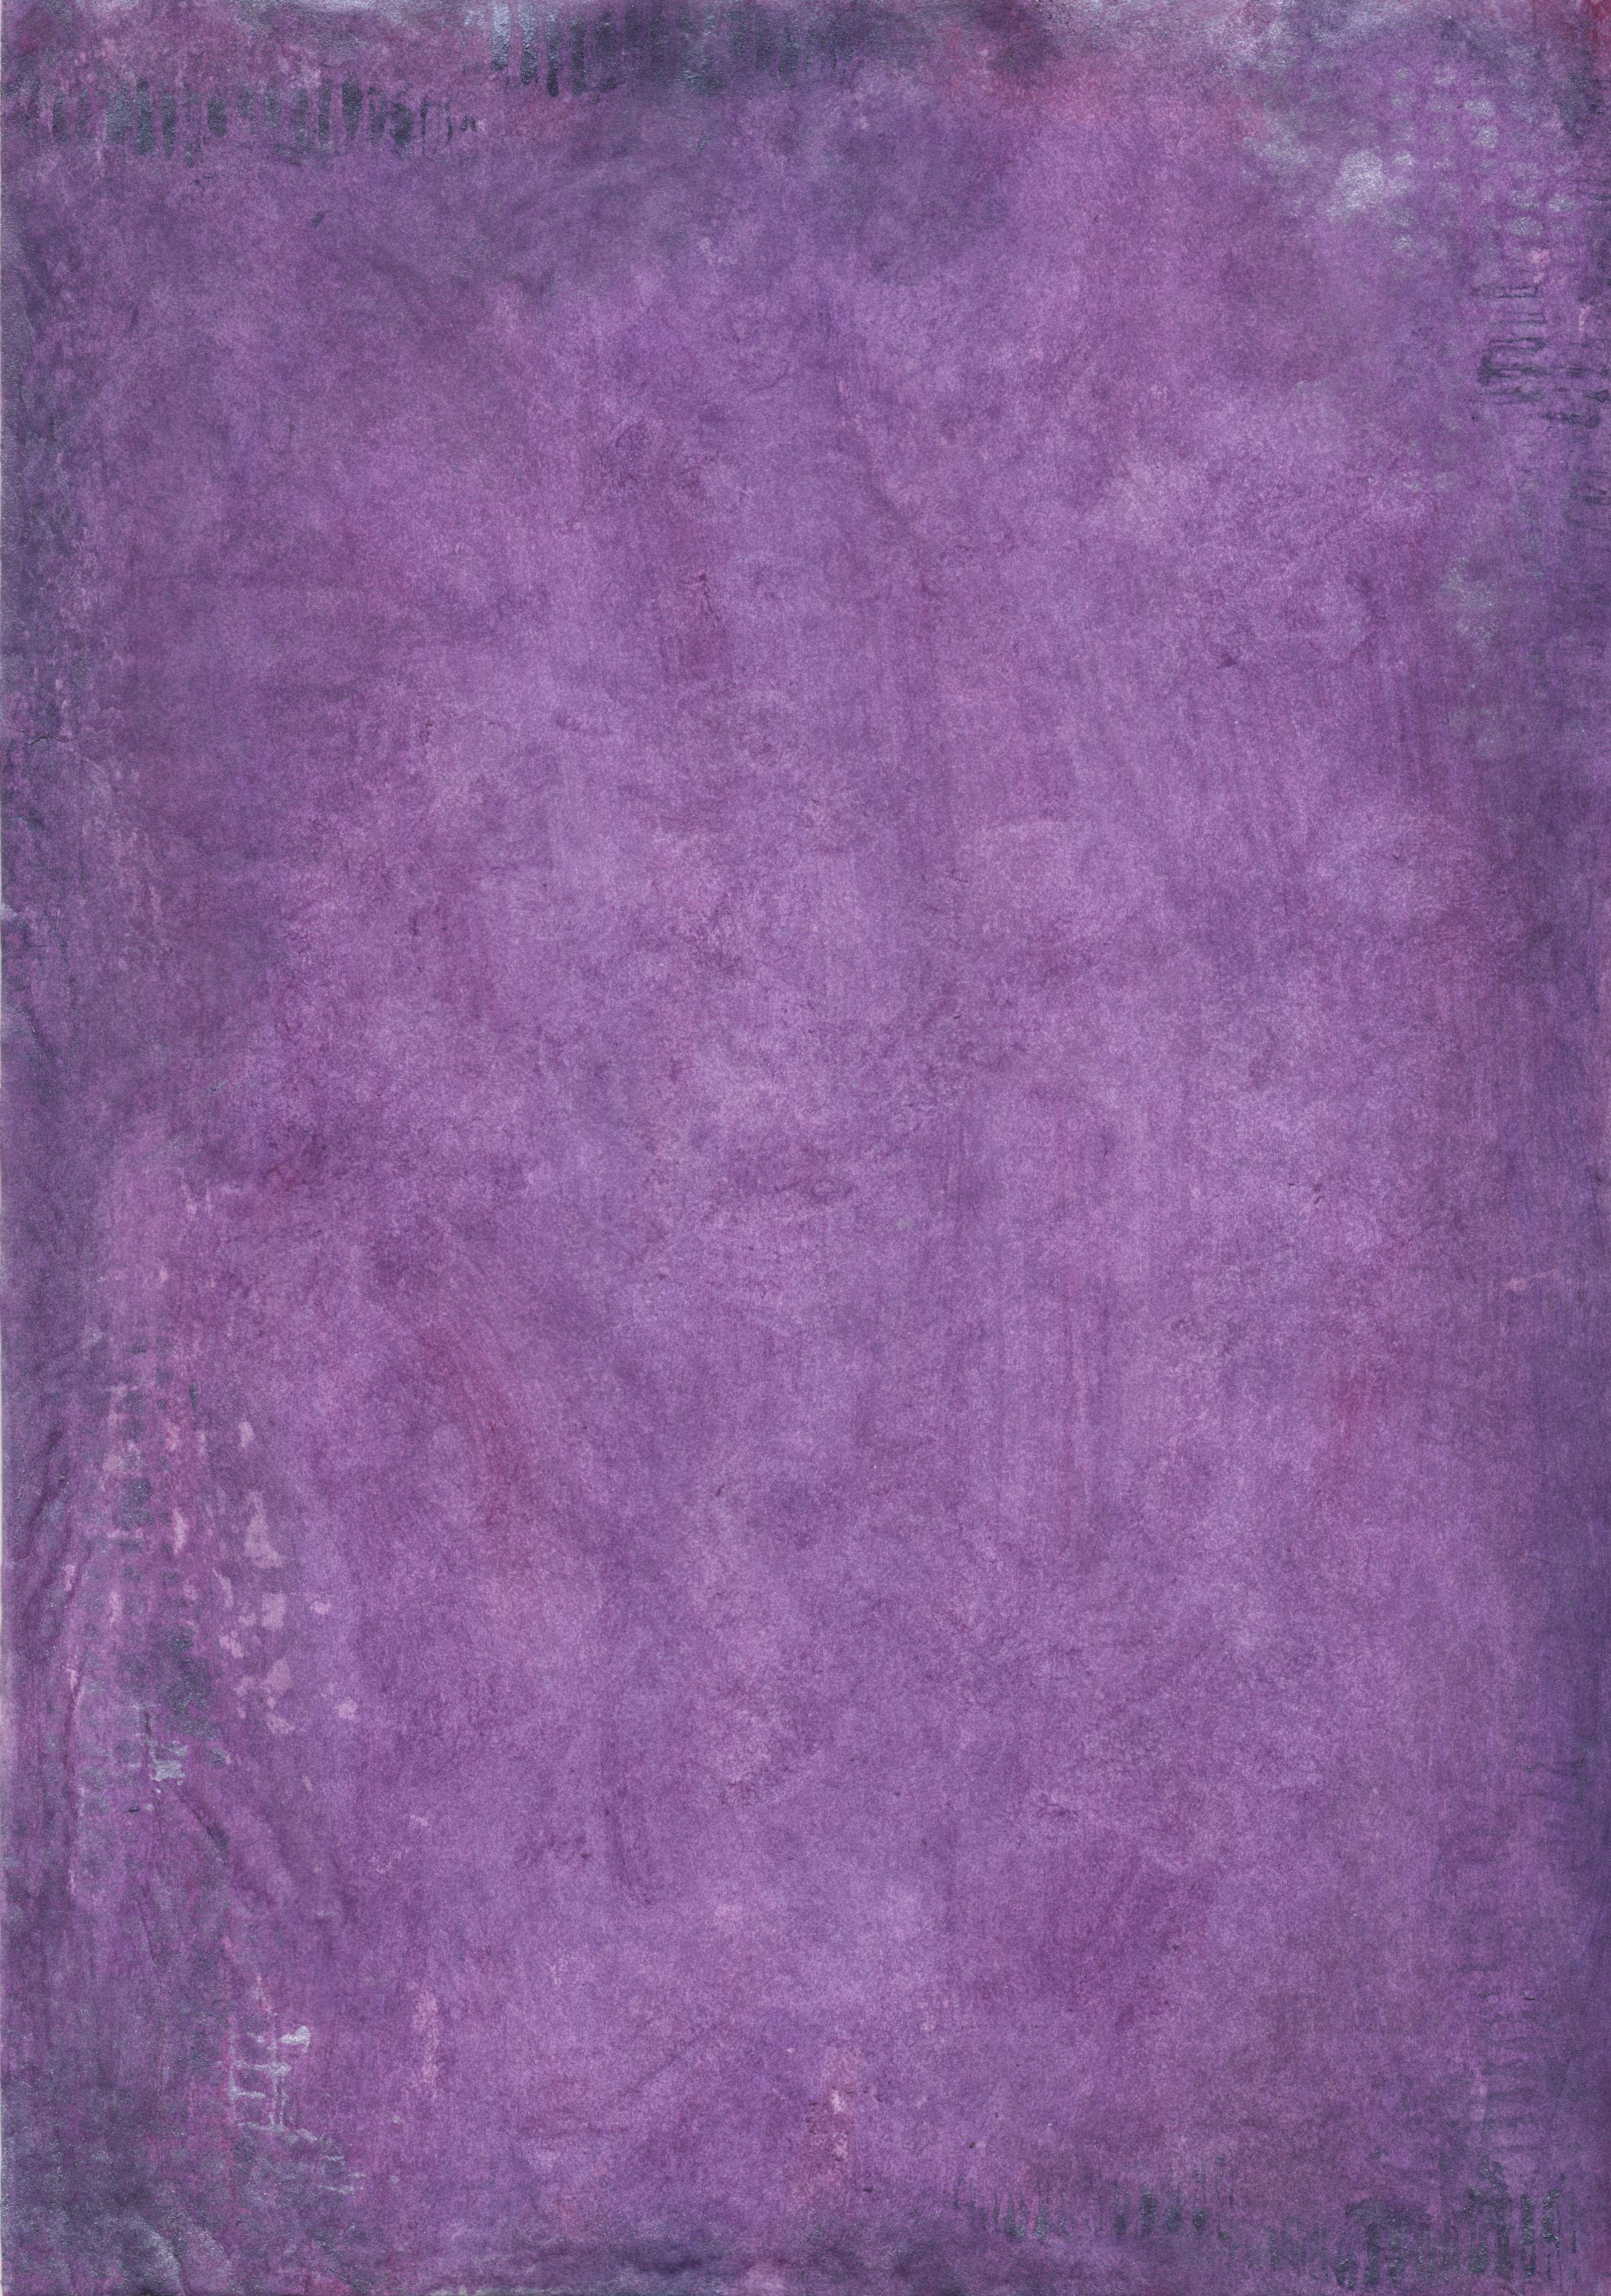 Purple Paint Images For  Light Purple Textures  Color Board  Pinterest